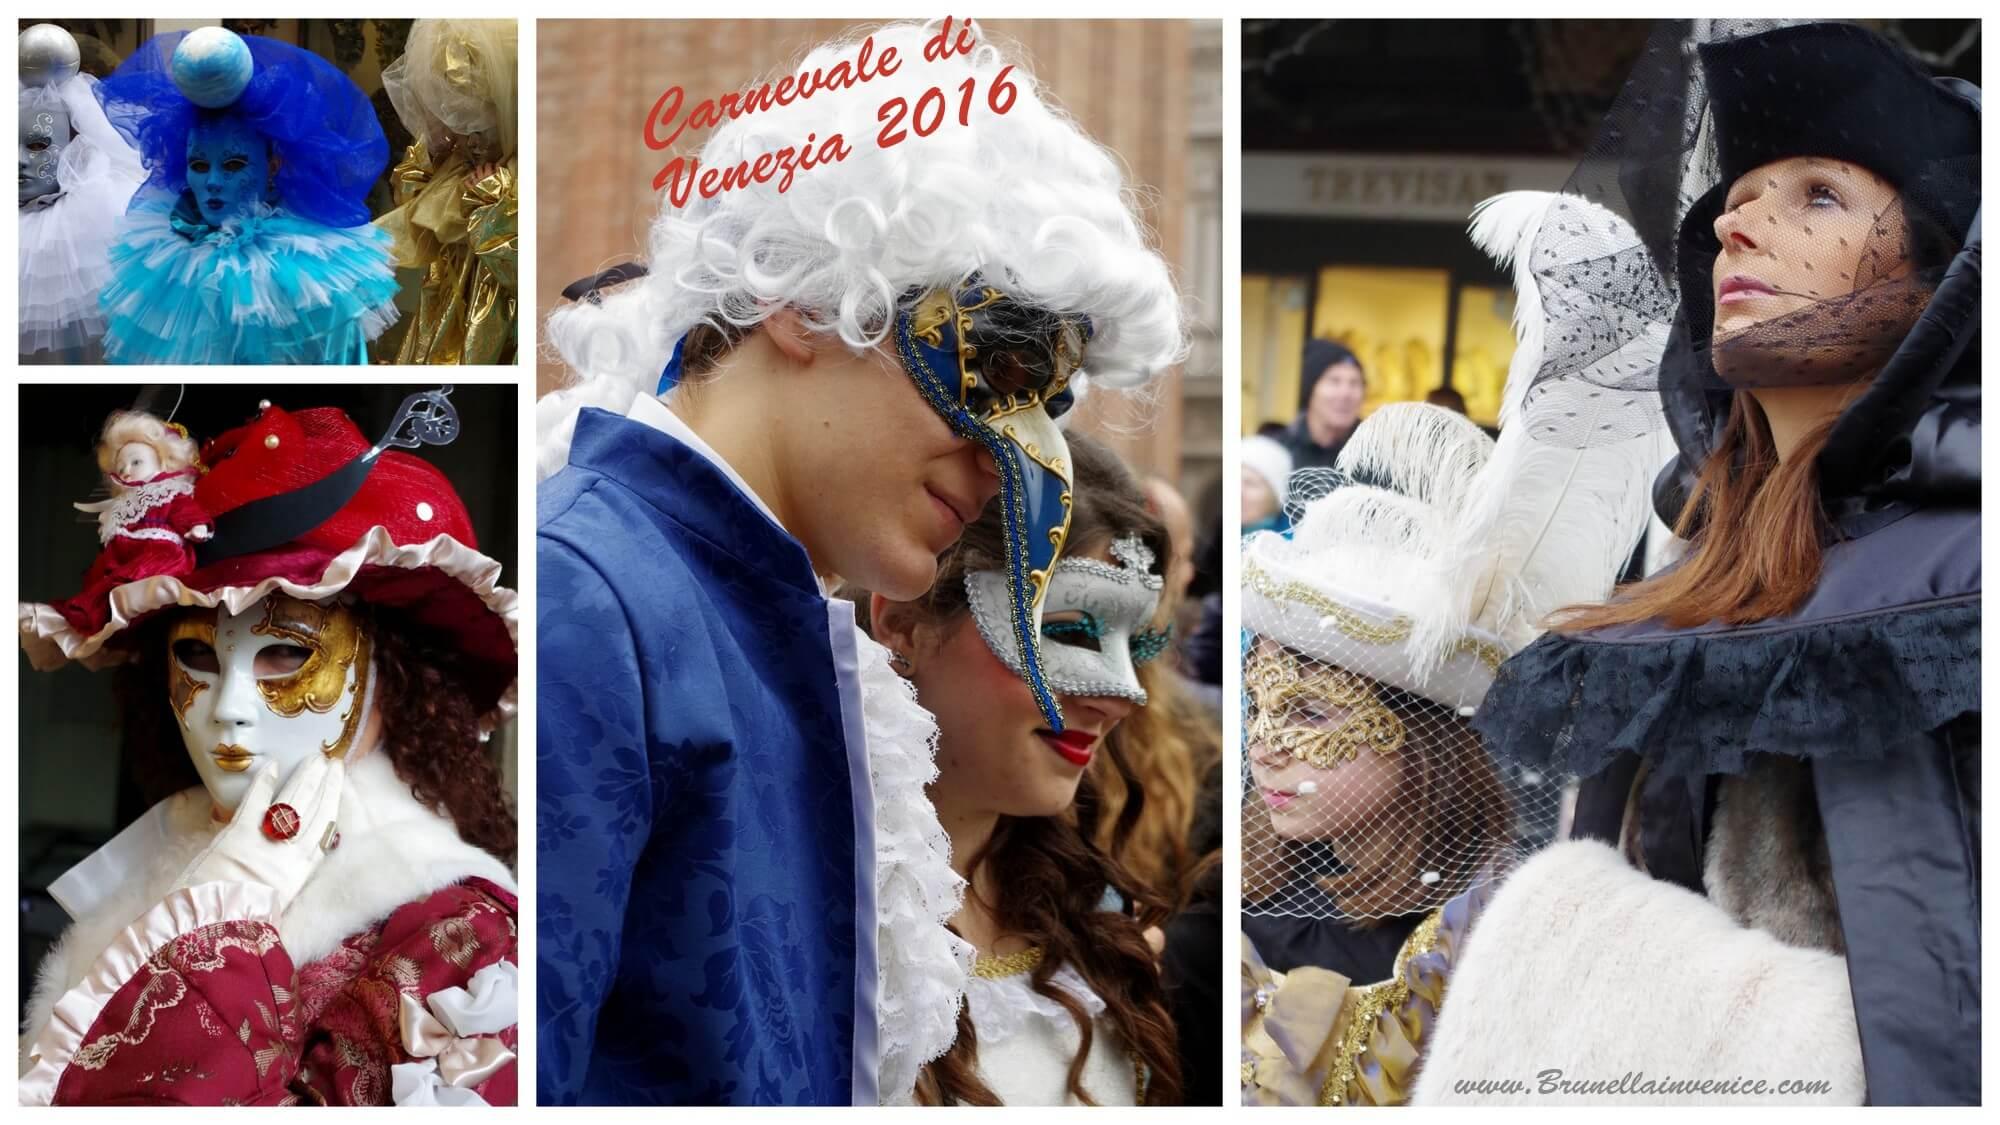 carnevale-di-venezia-2016-1